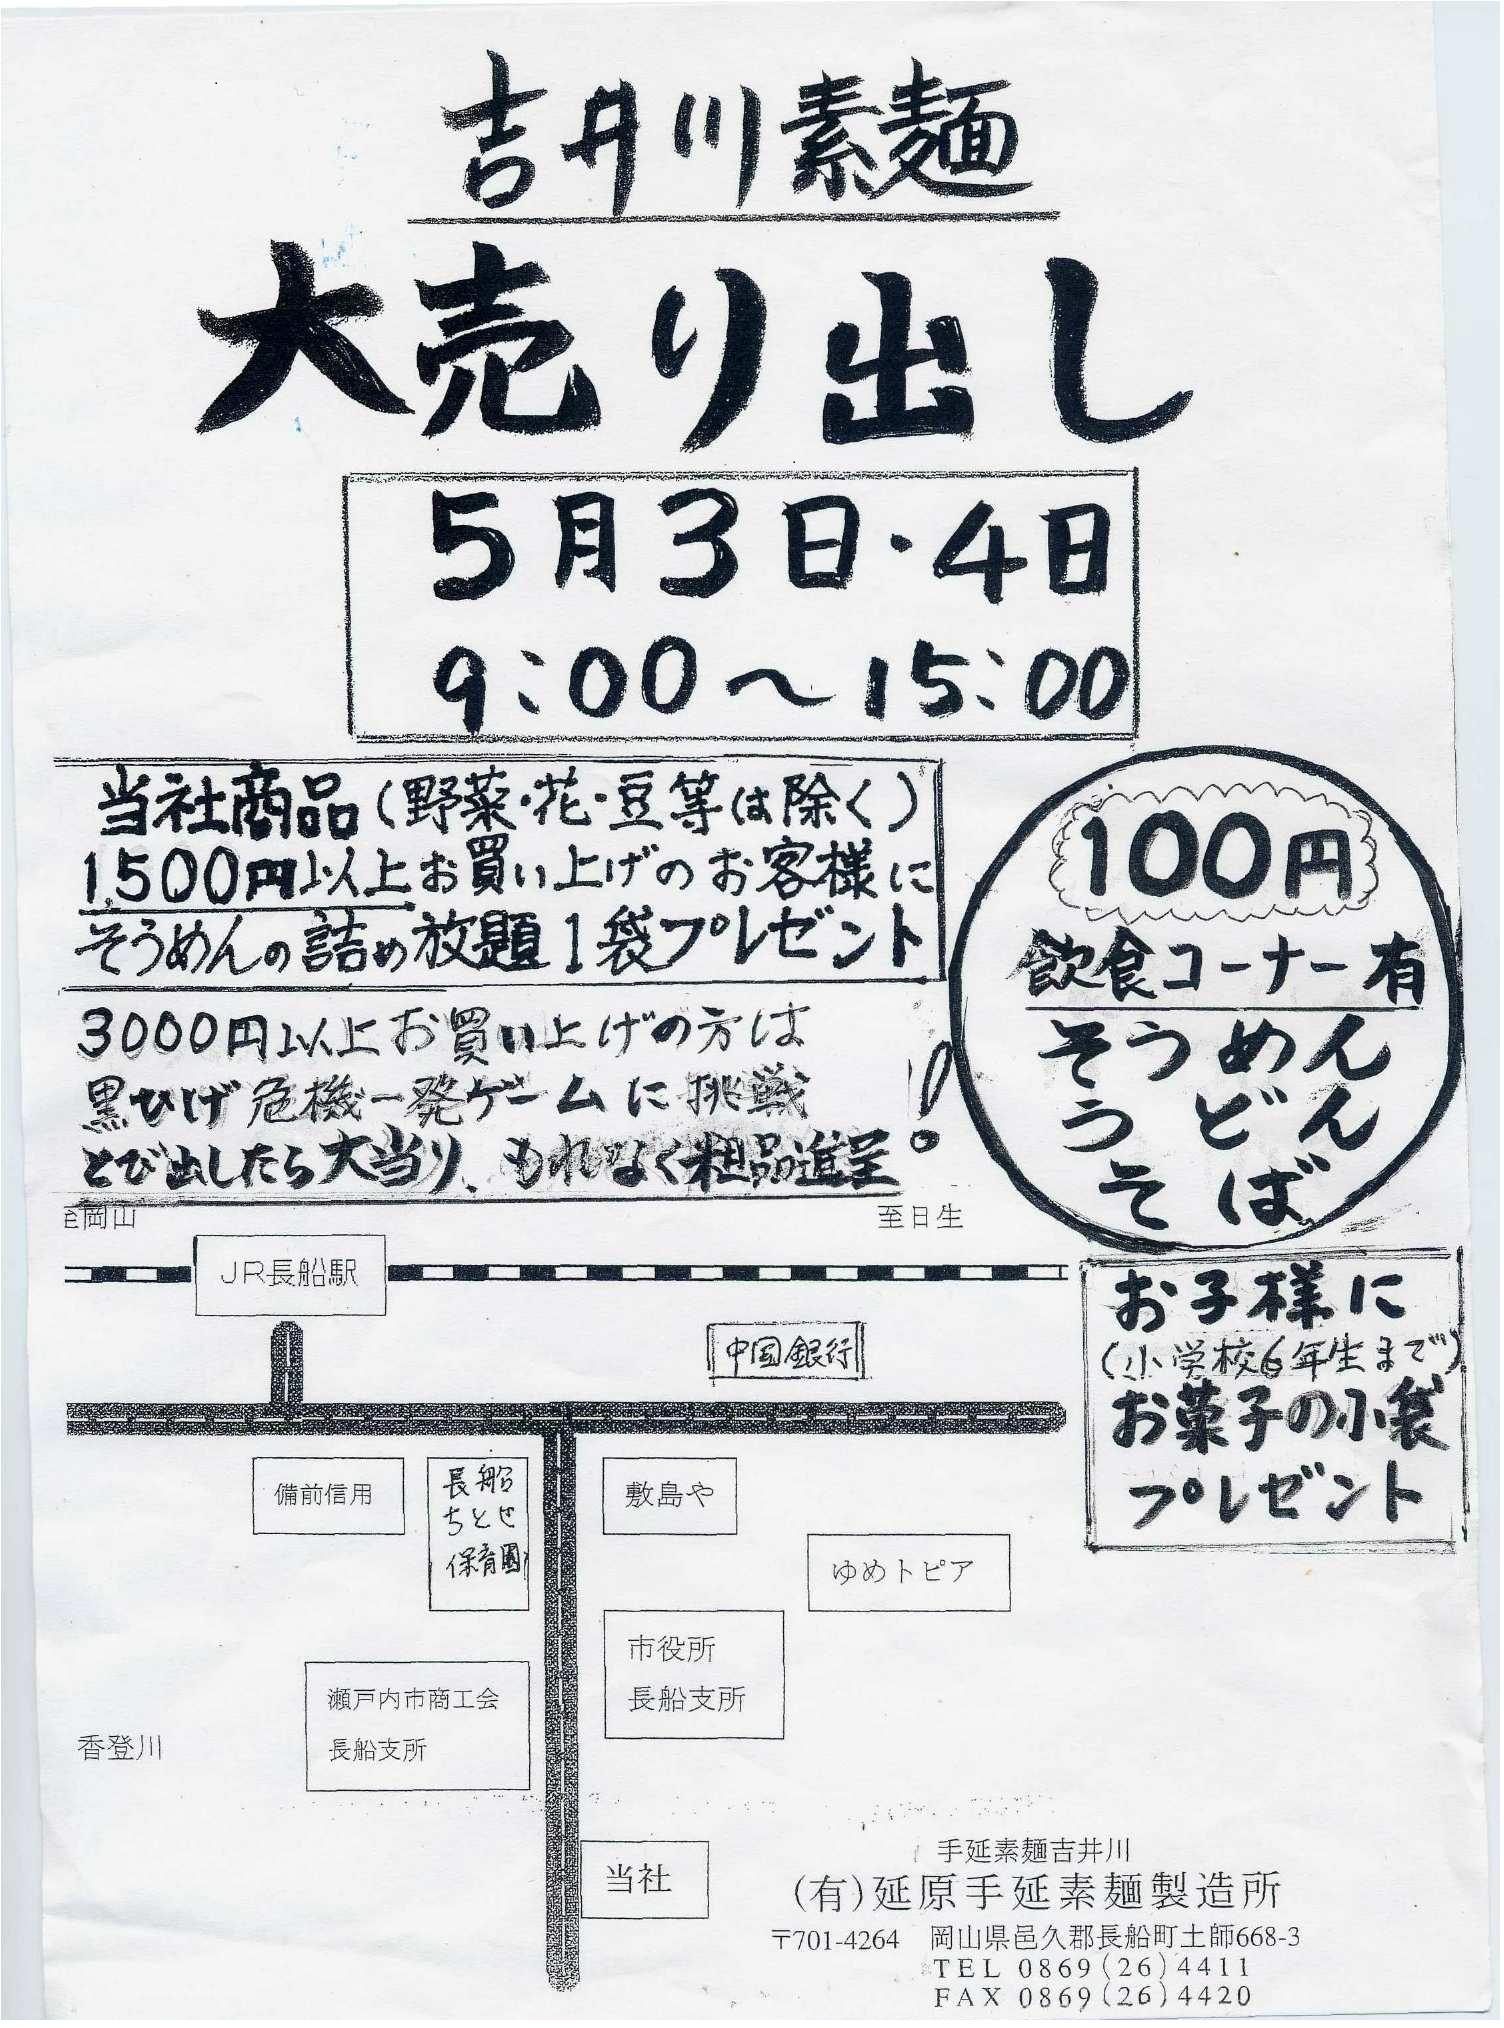 5月3日・4日は「吉井川素麺」大売り出し(延原手延素麺製造所)